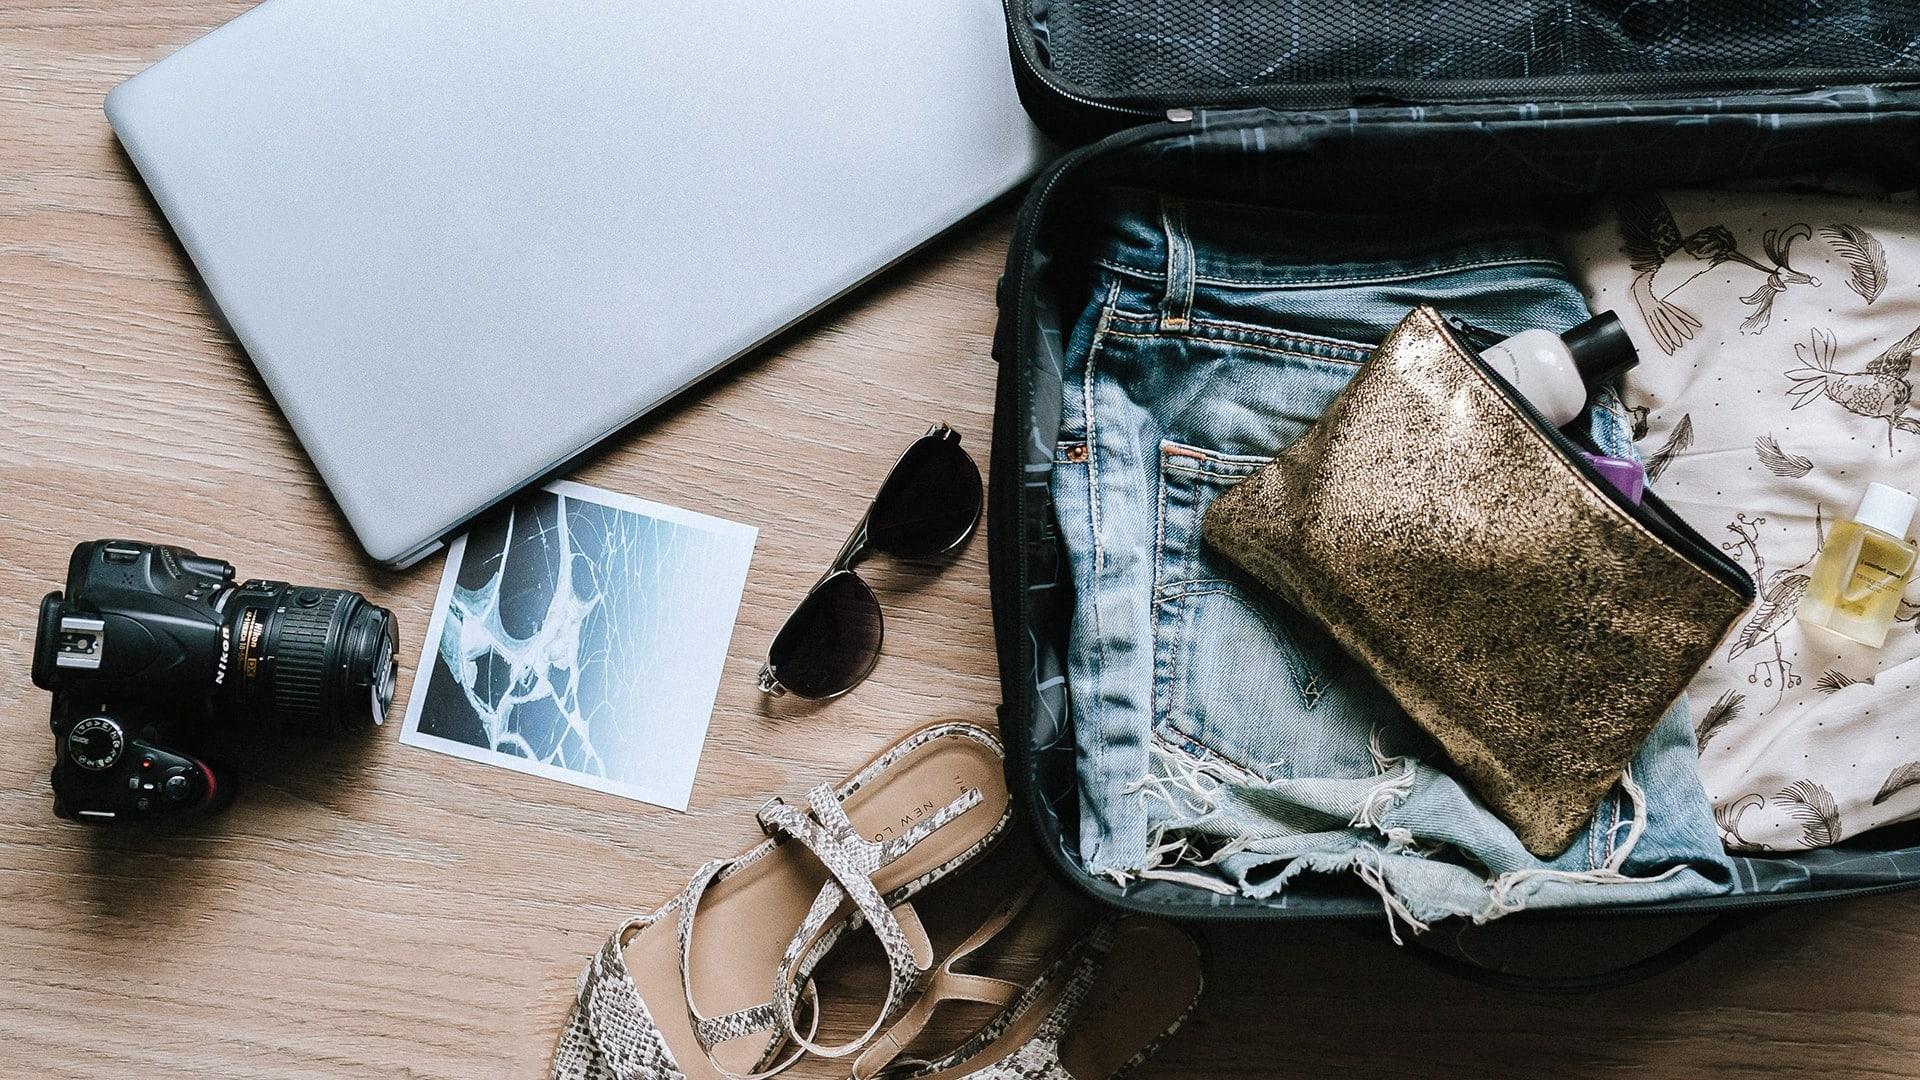 die besten reise apps richtig packen, pack hacks